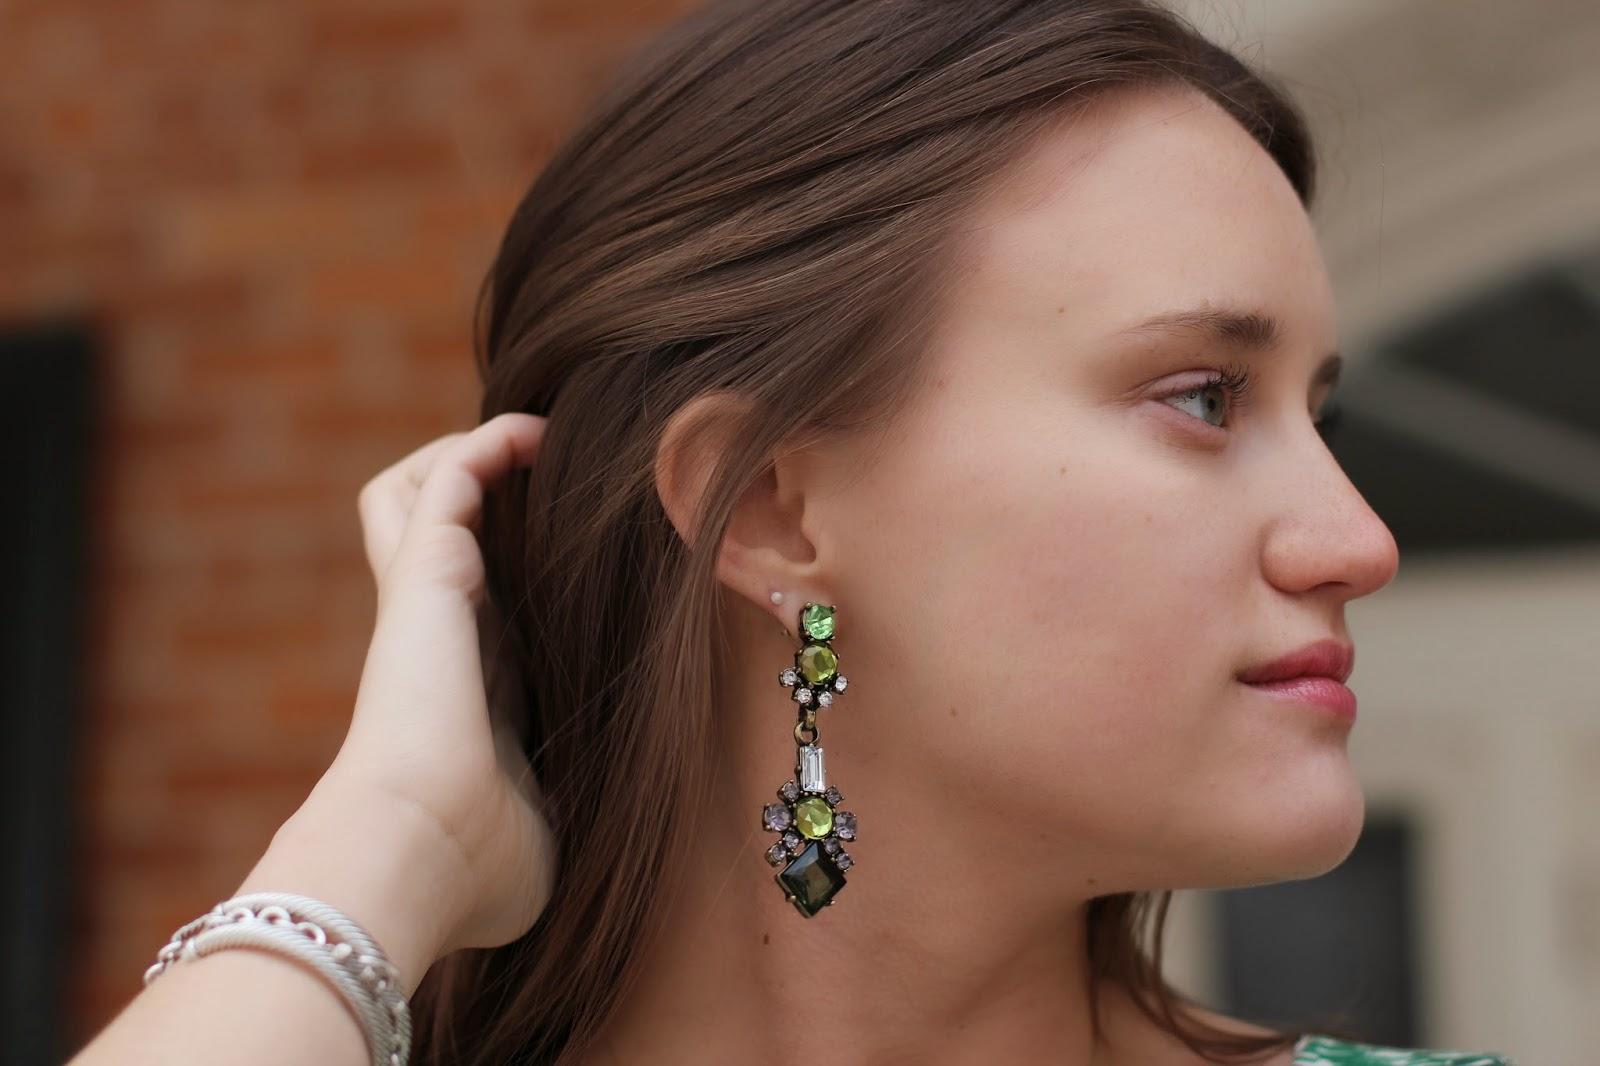 nZaara, nZaara earrings, nZaara fashion blogger